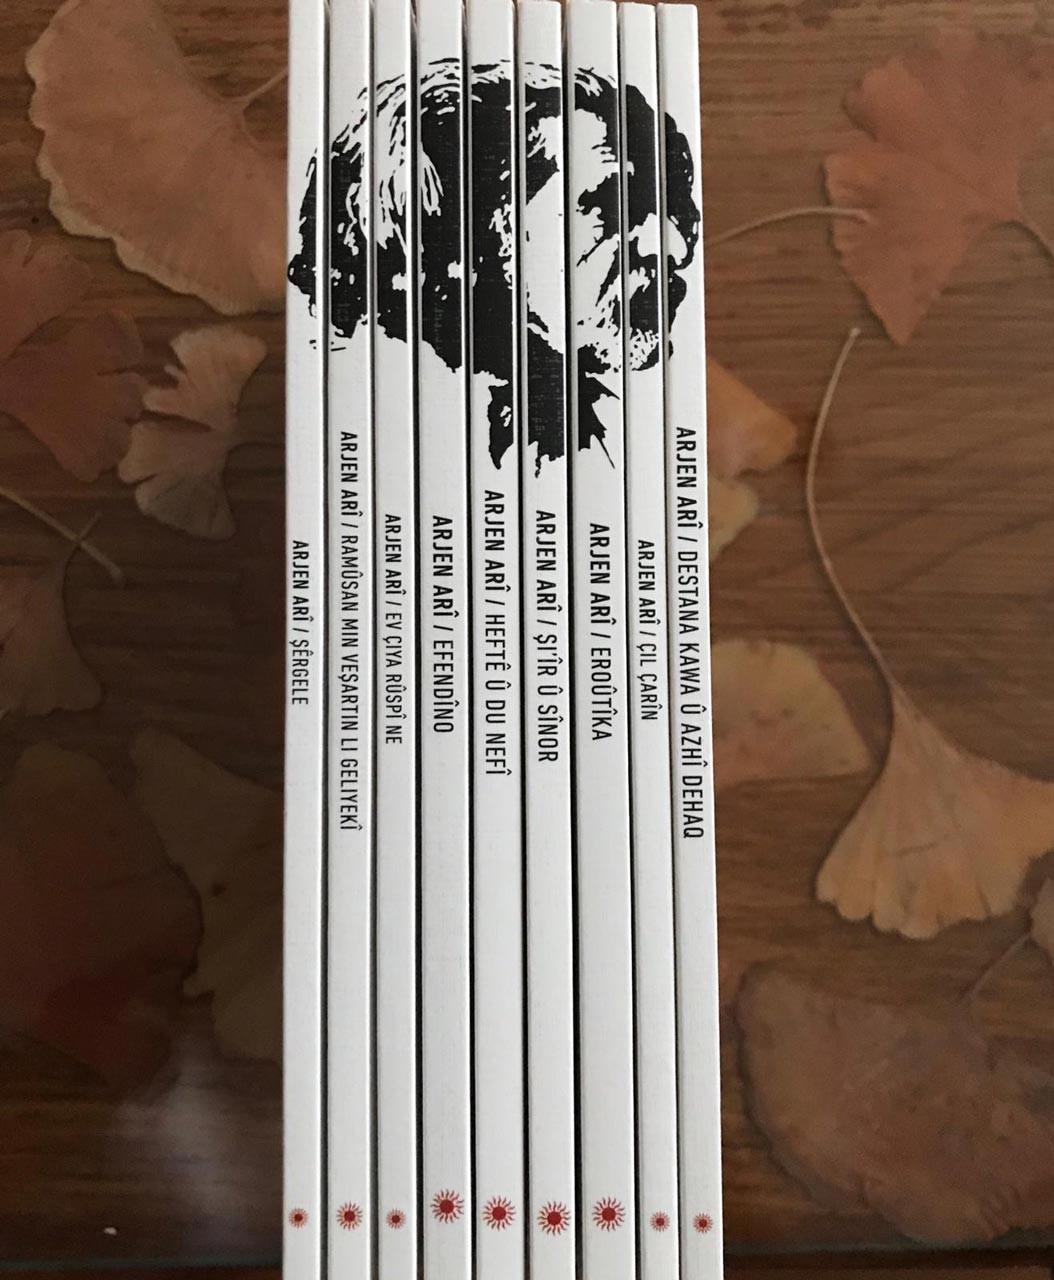 Arjen Arî'nin 9 kitaplık şiir seti Sor Yayınları tarafından basıldı